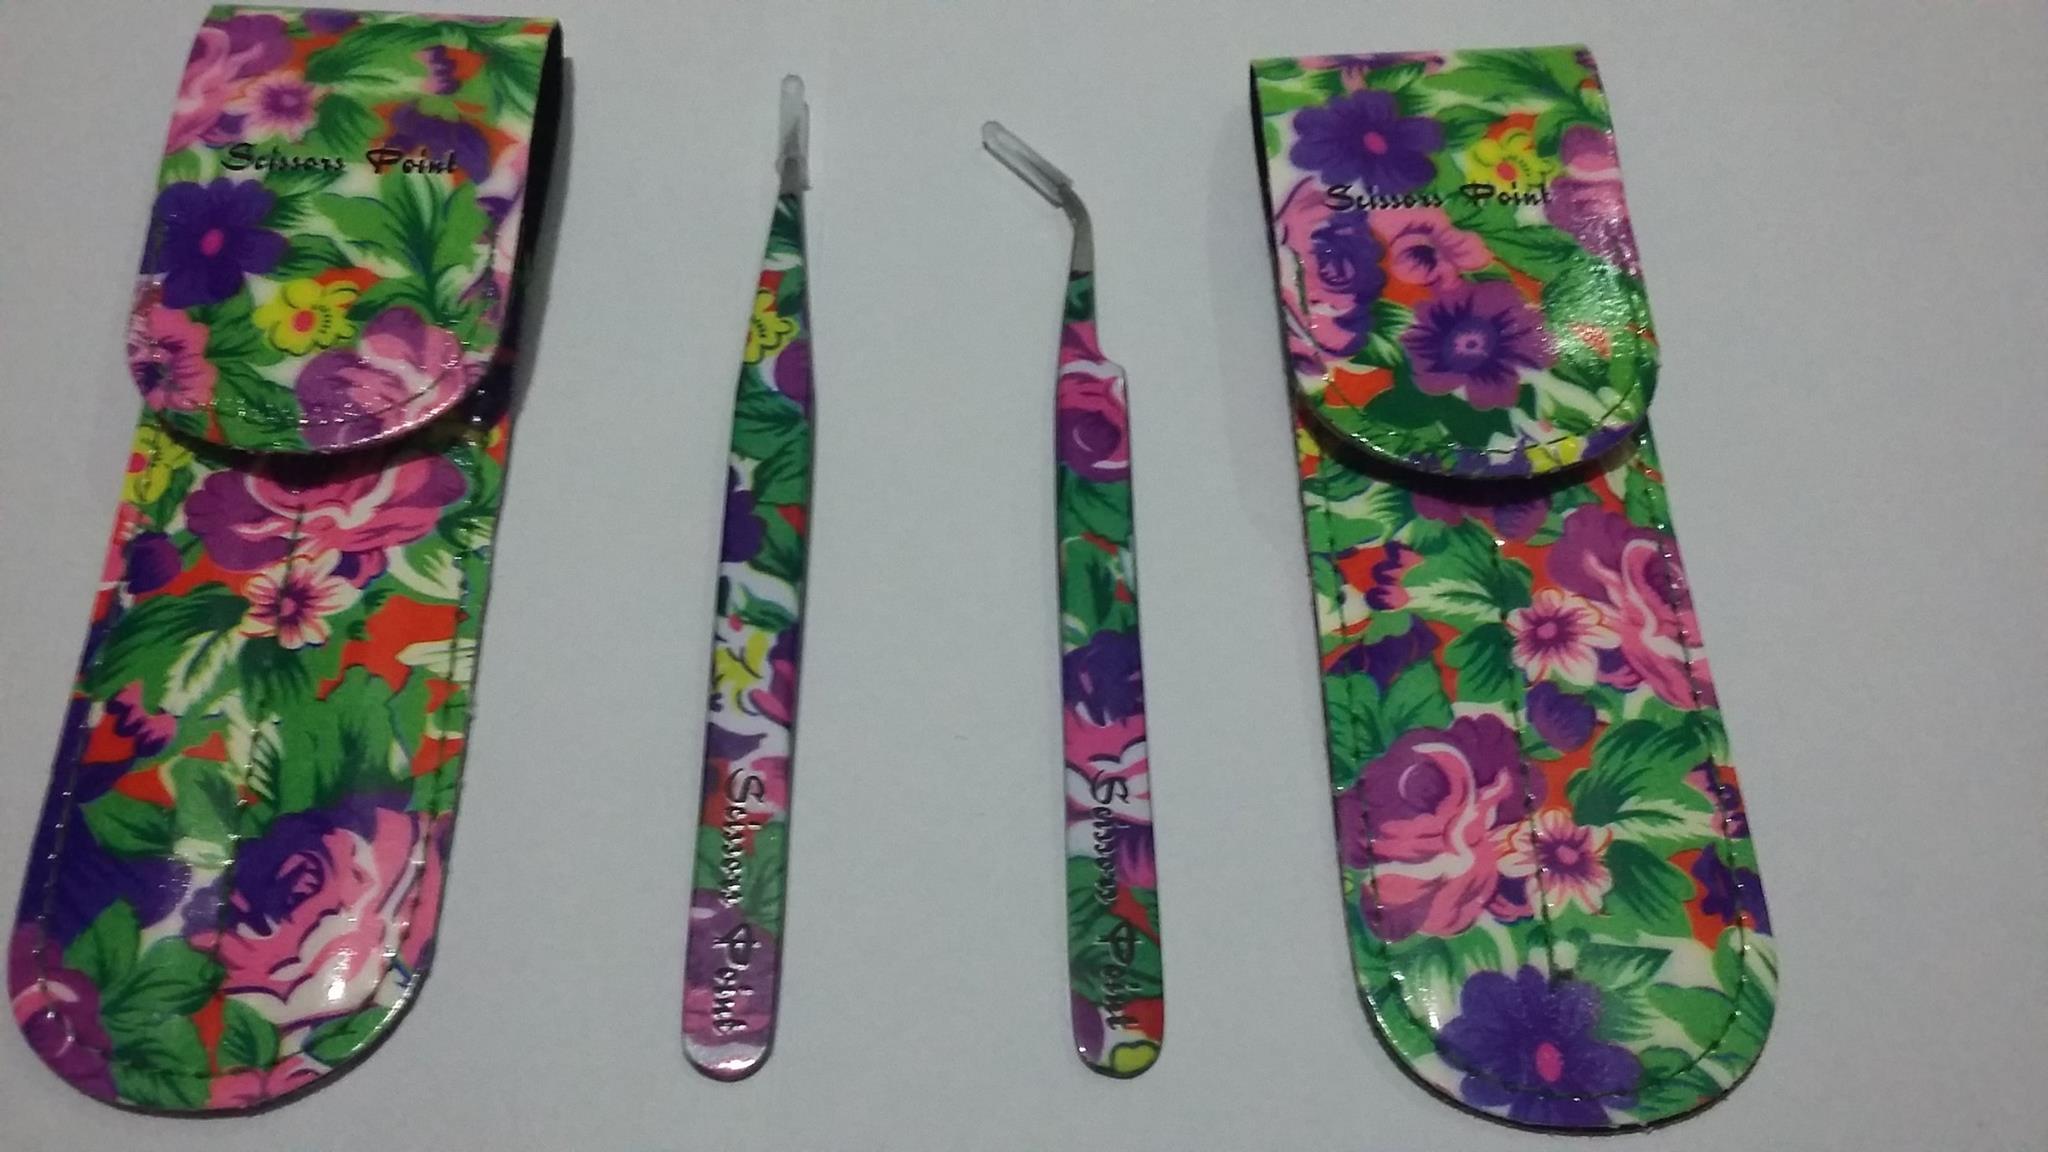 Scissors poitn - комплект пинцети - Пролетна градина